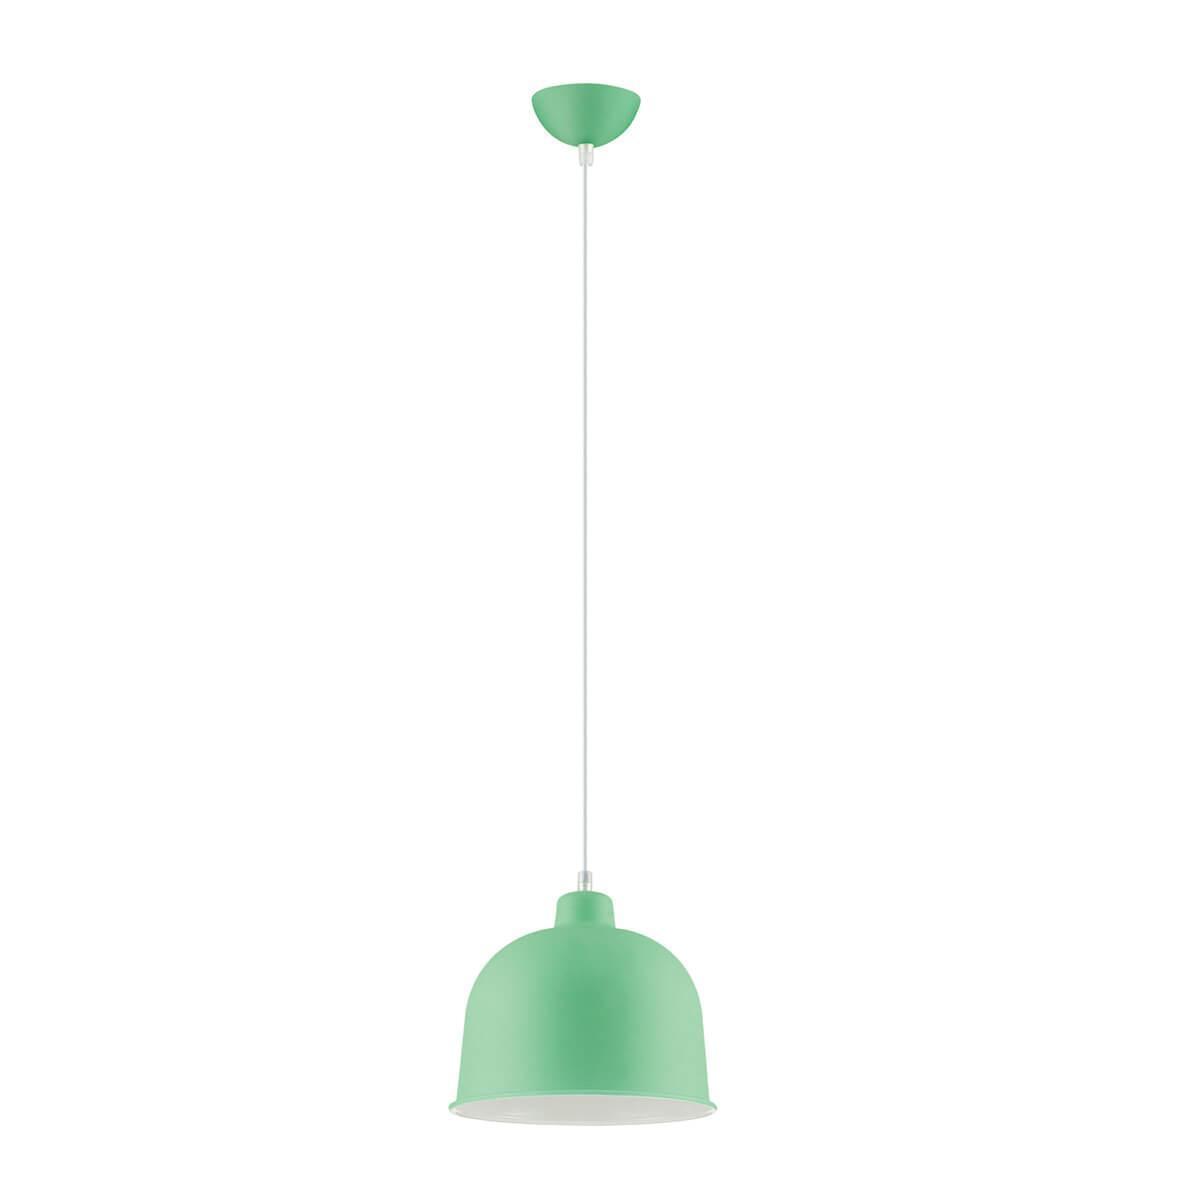 Подвесной светильник Lumion Rory 3657/1 подвесной светильник lumion rory 3656 1